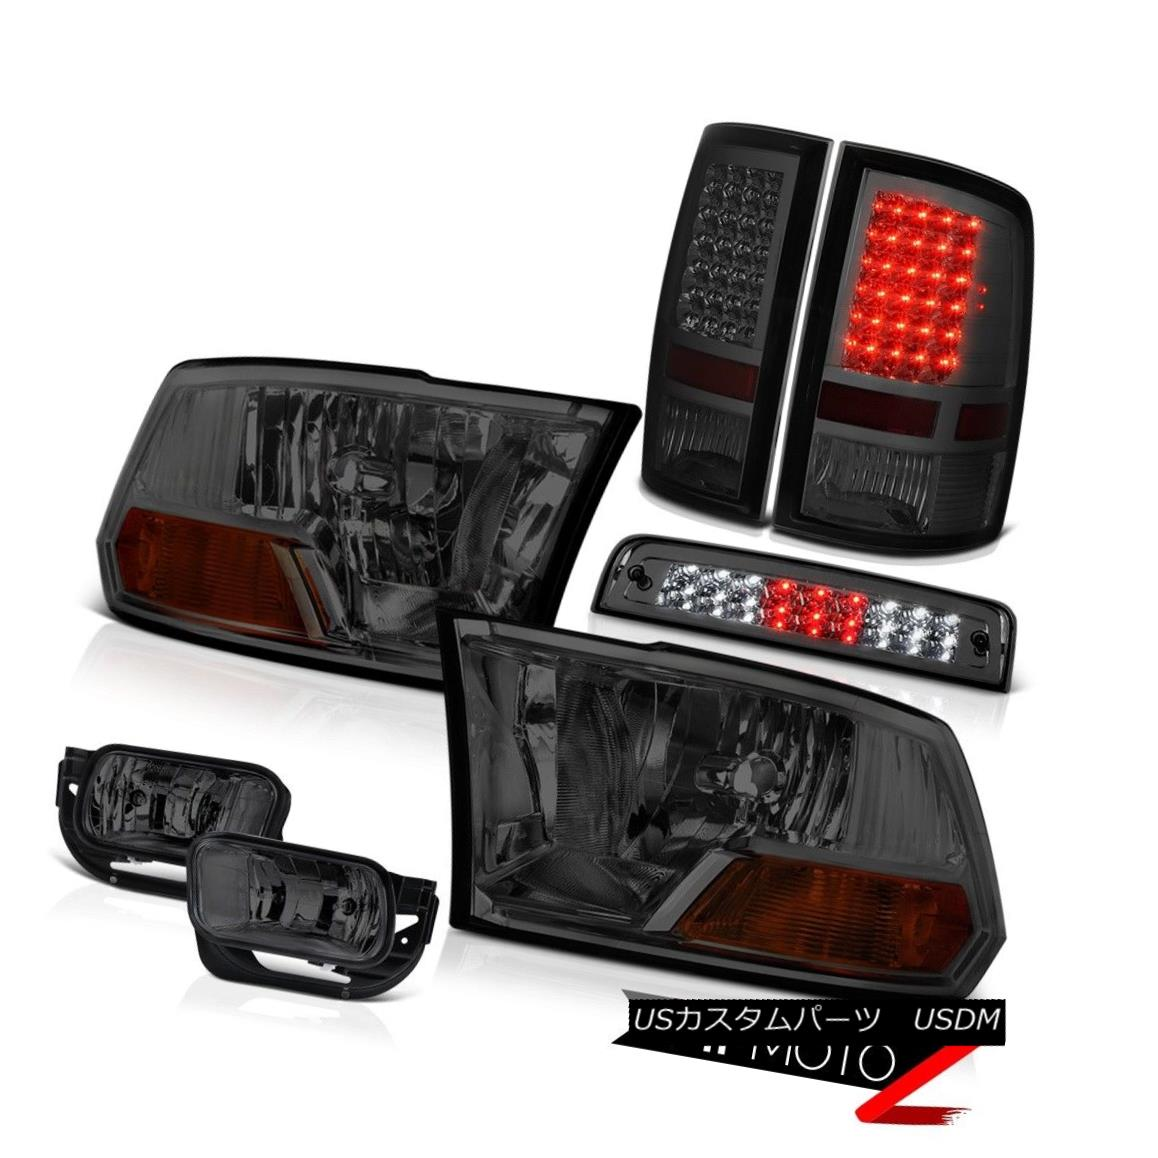 テールライト 2010-2018 Dodge Ram 3500 6.7L Fog Lights High Stop Light Taillights Headlamps 2010-2018 Dodge Ram 3500 6.7Lフォグライトハイストップライトテールライトヘッドランプ